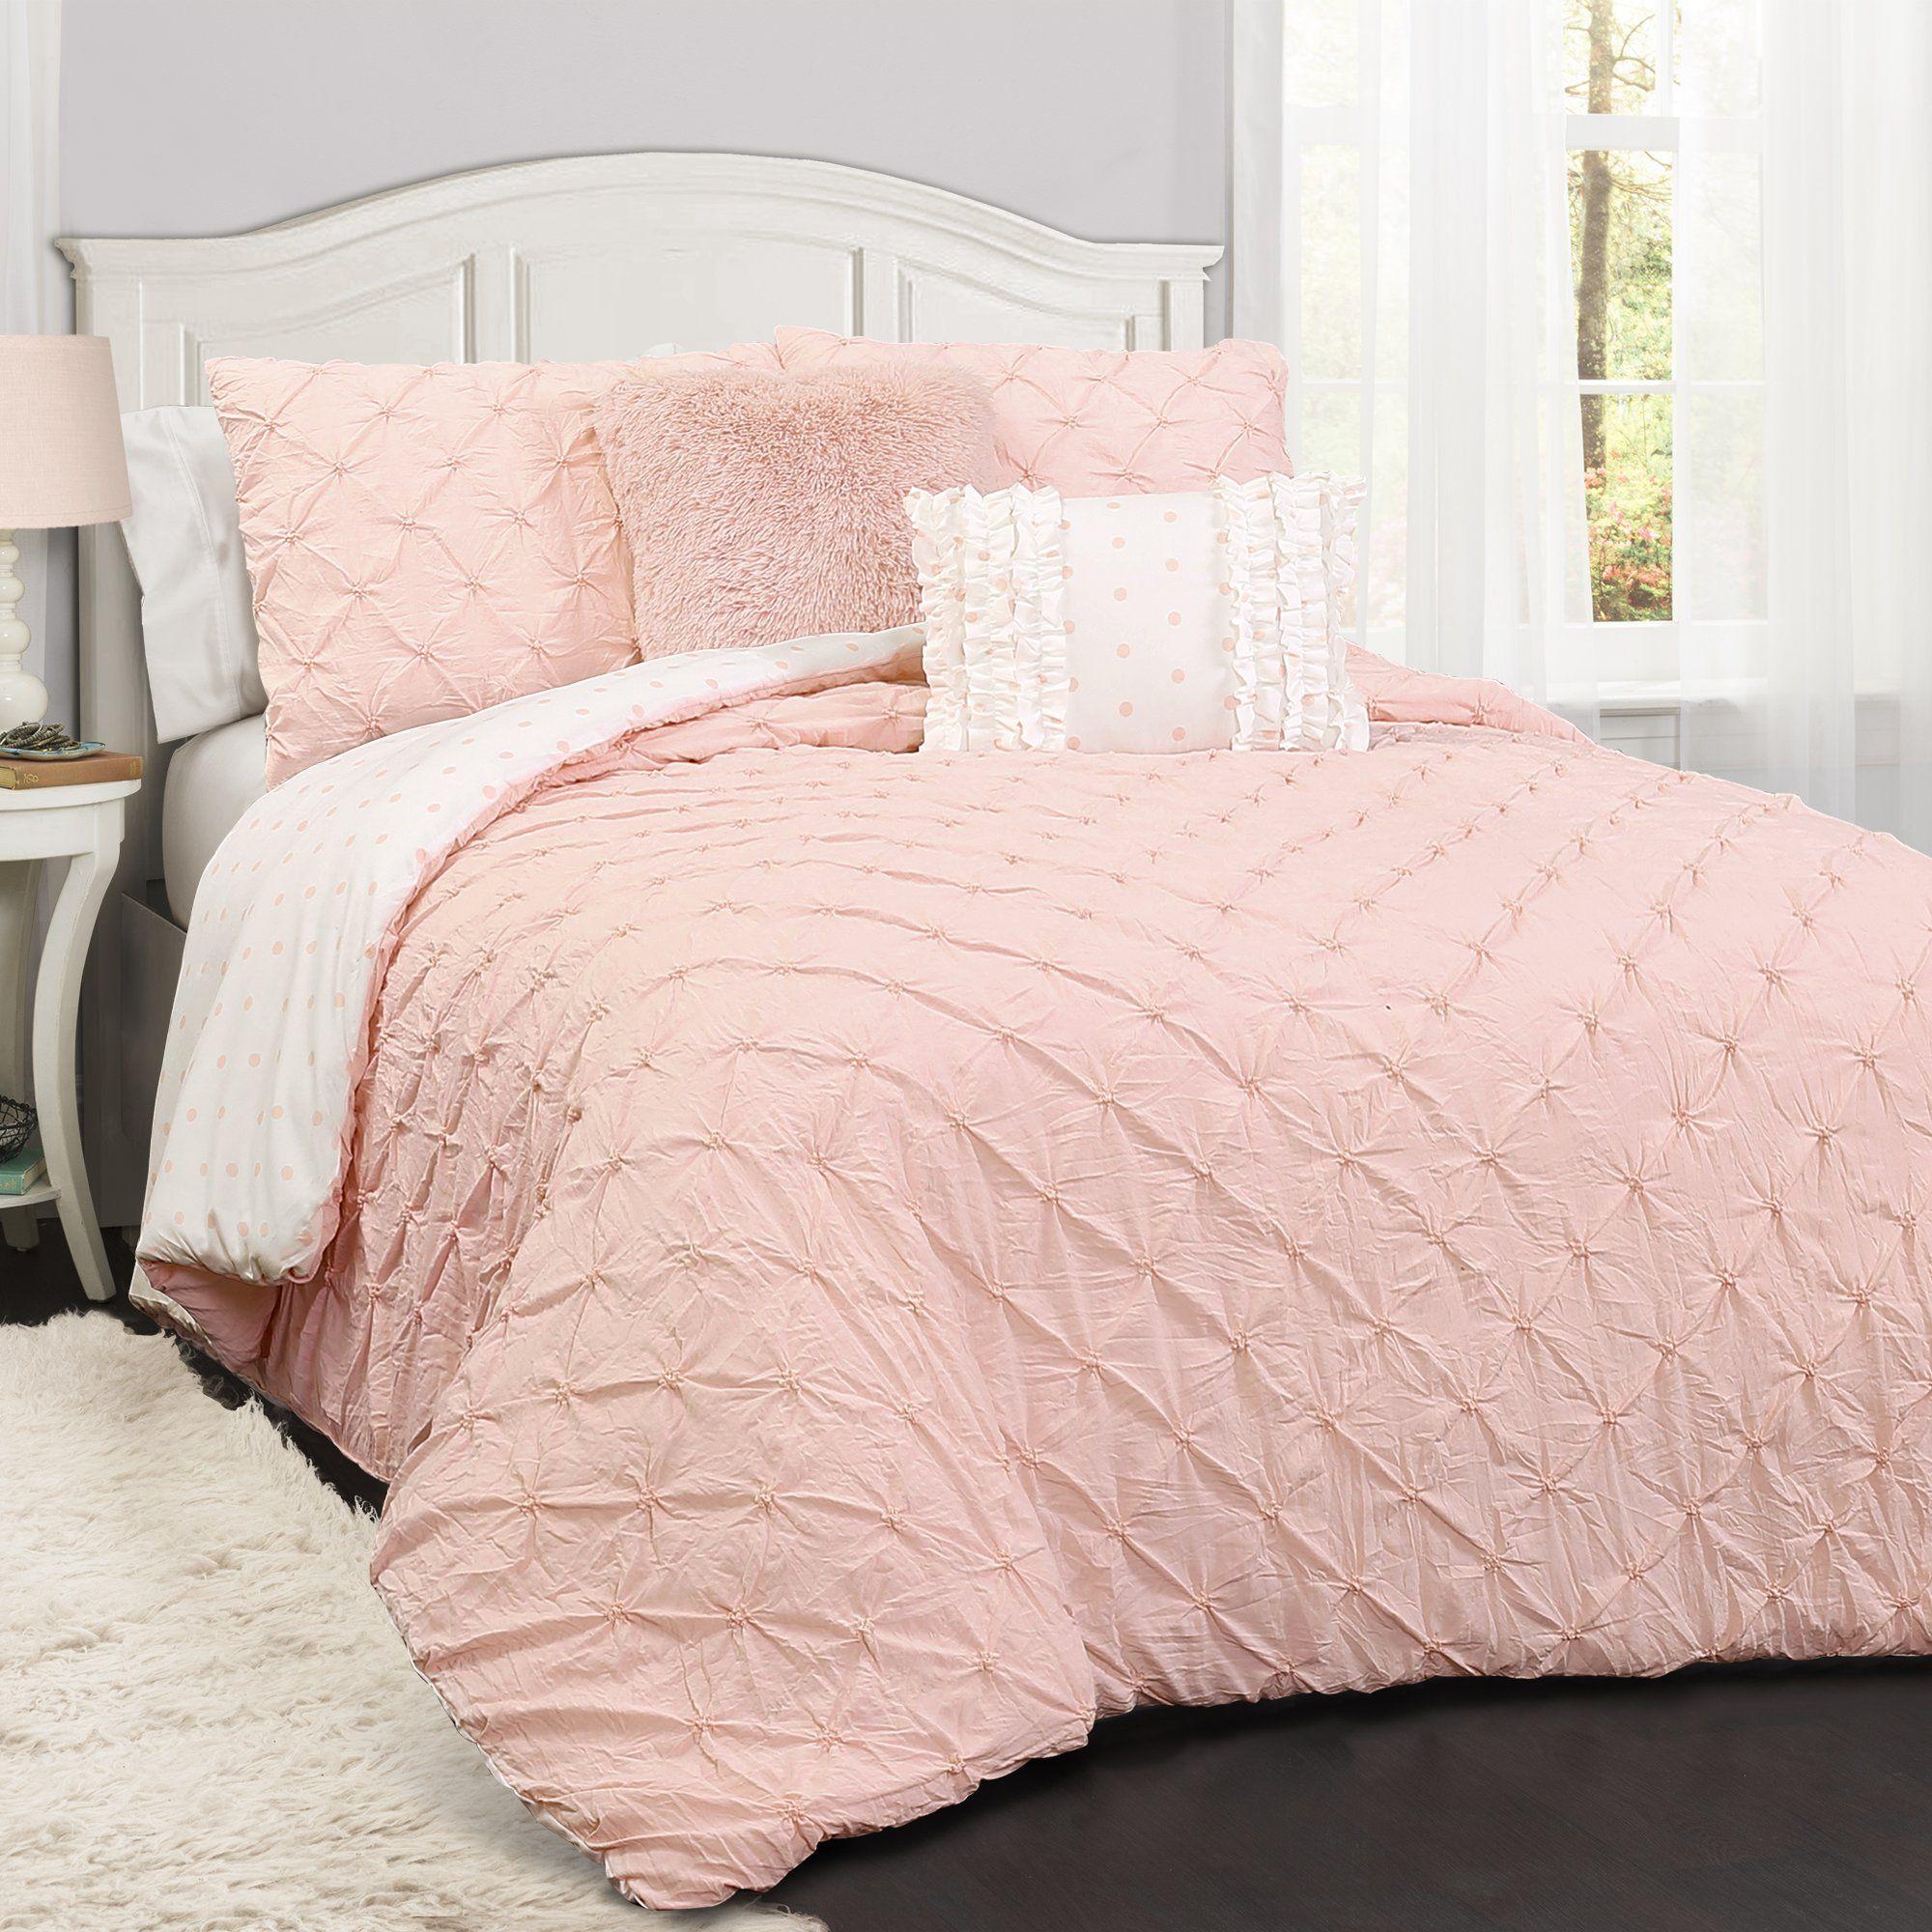 Ravello Pintuck Juvy 4 Piece Comforter Set In 2020 Comforter